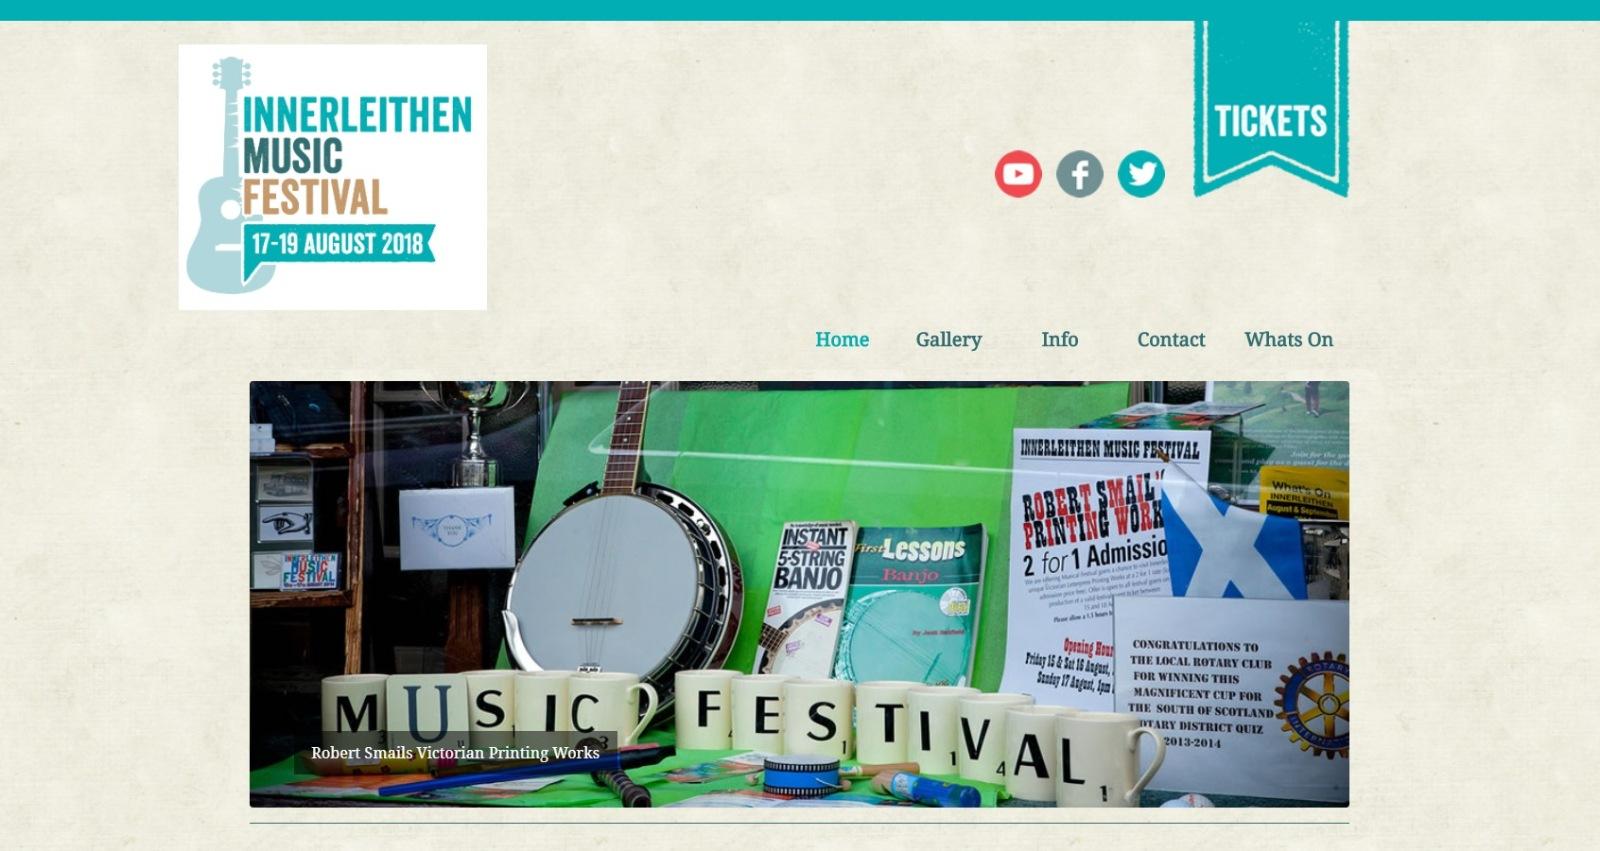 Innerleithen Music festival